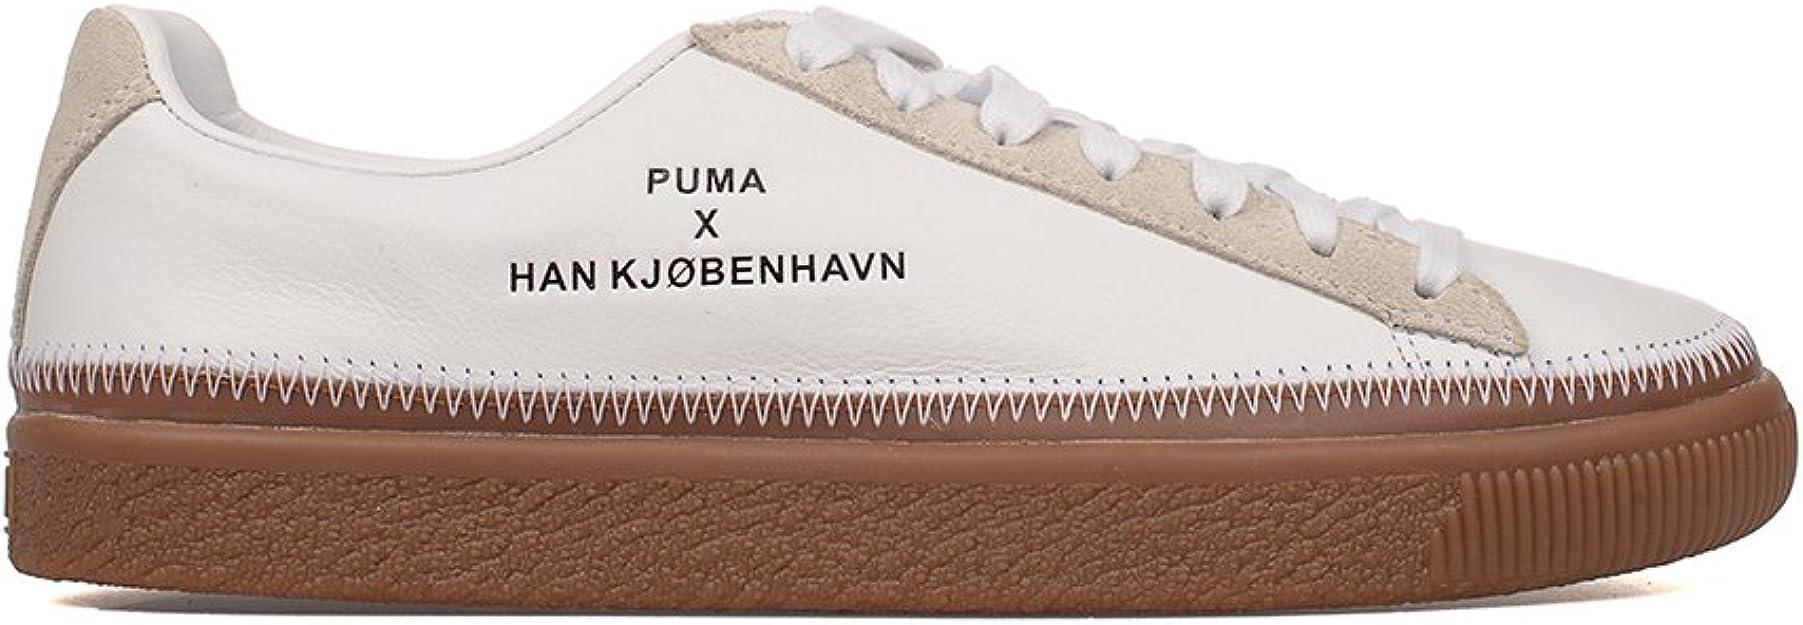 PUMA X HAN KJØBENHAVN Men's 36447401